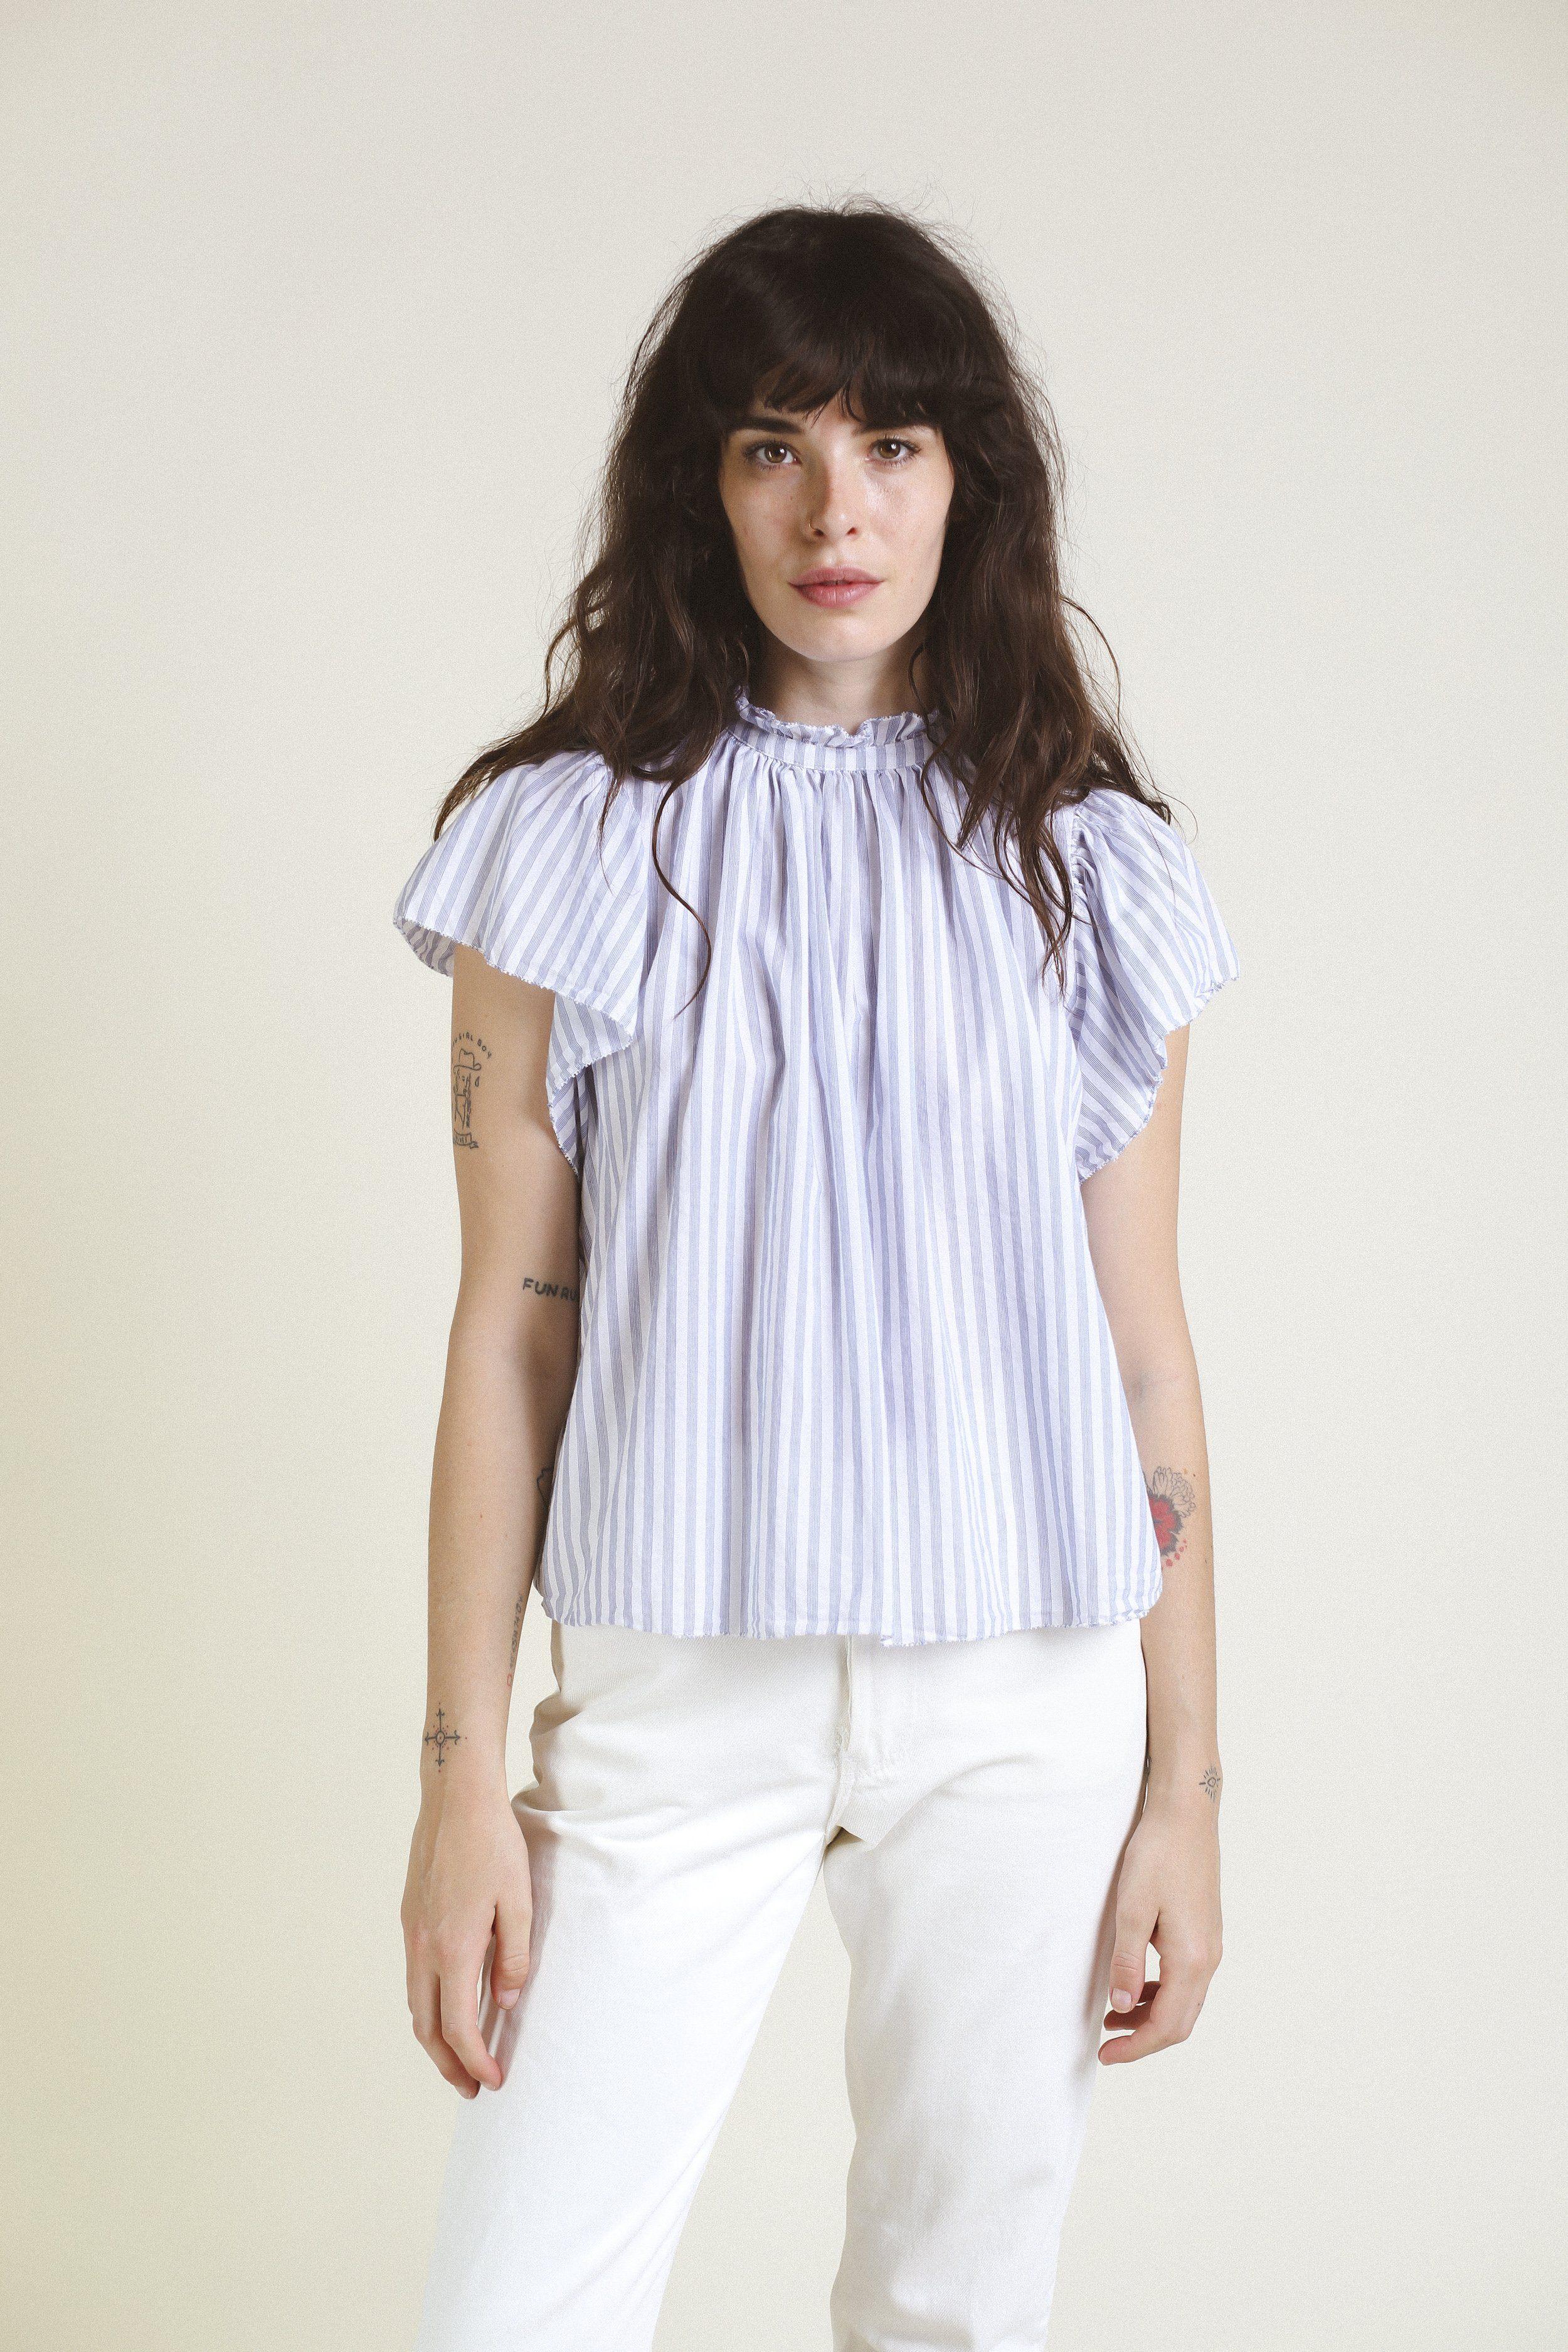 Carla Highneck Shirt WHITE/BLUE STRIPE by Trovata - 3